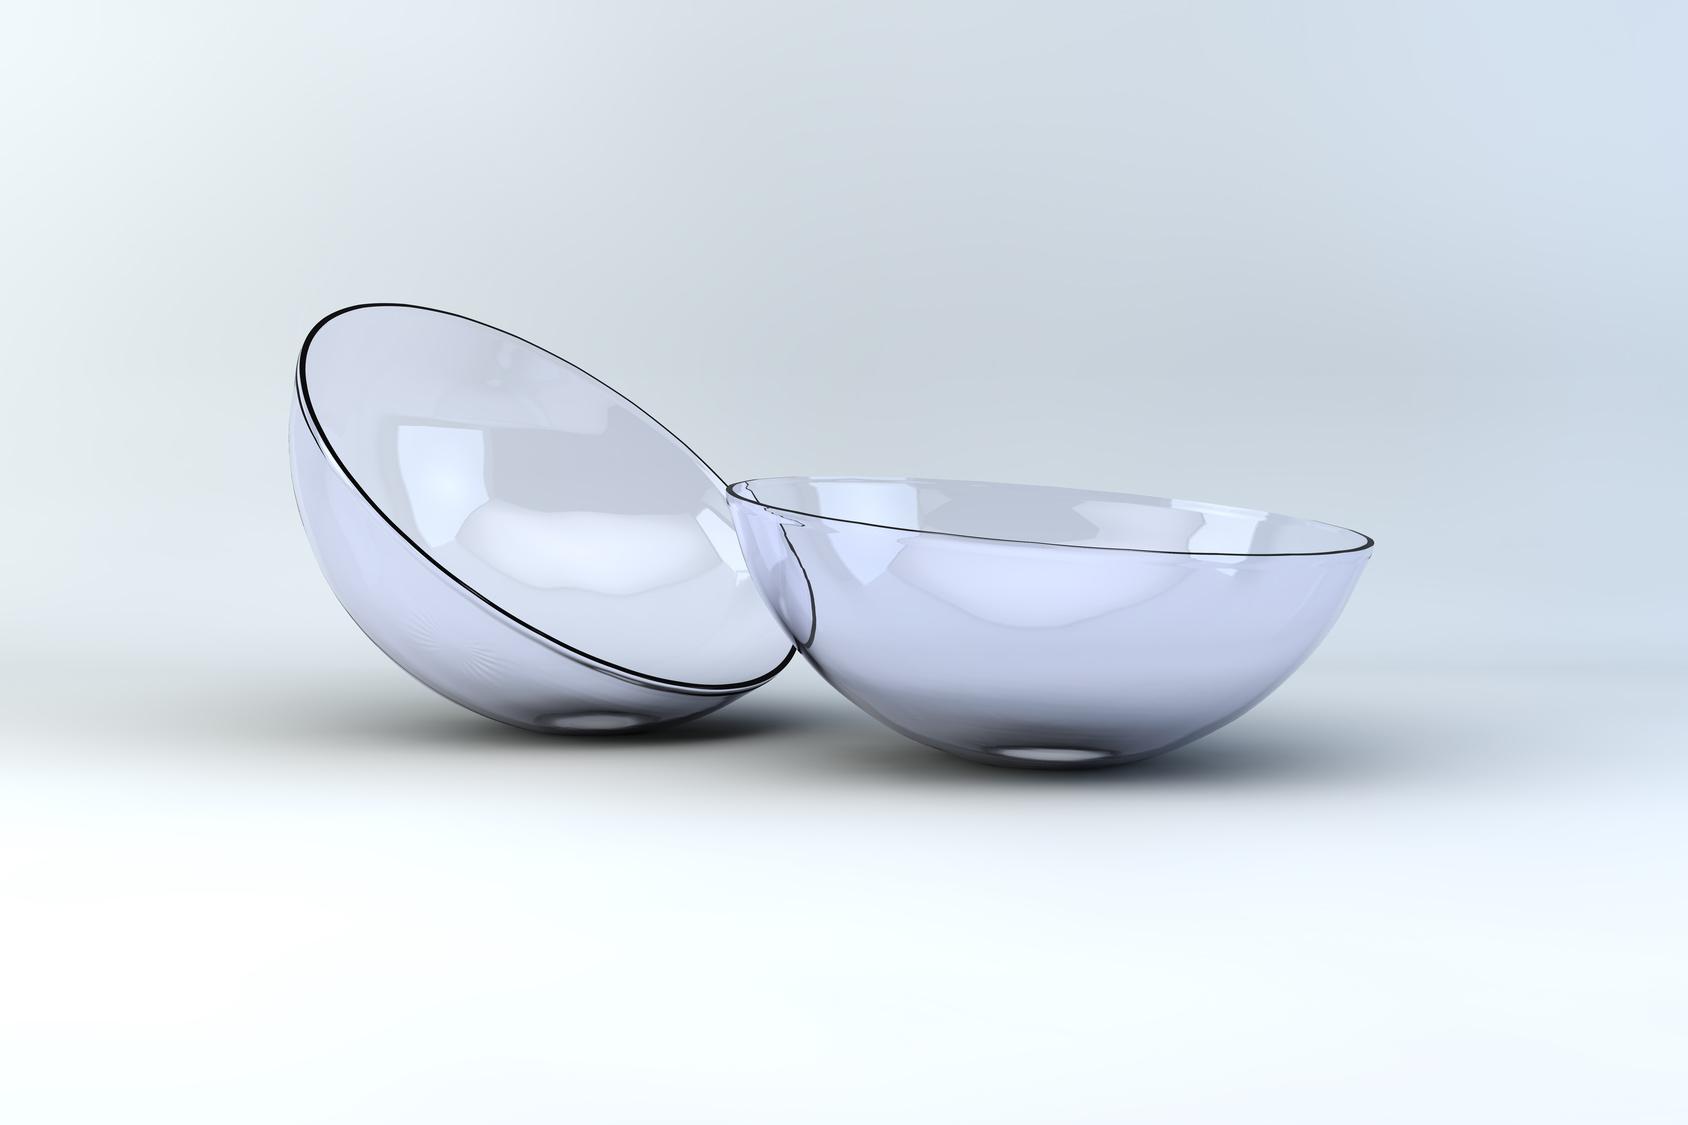 studio 3d render of contact lenses